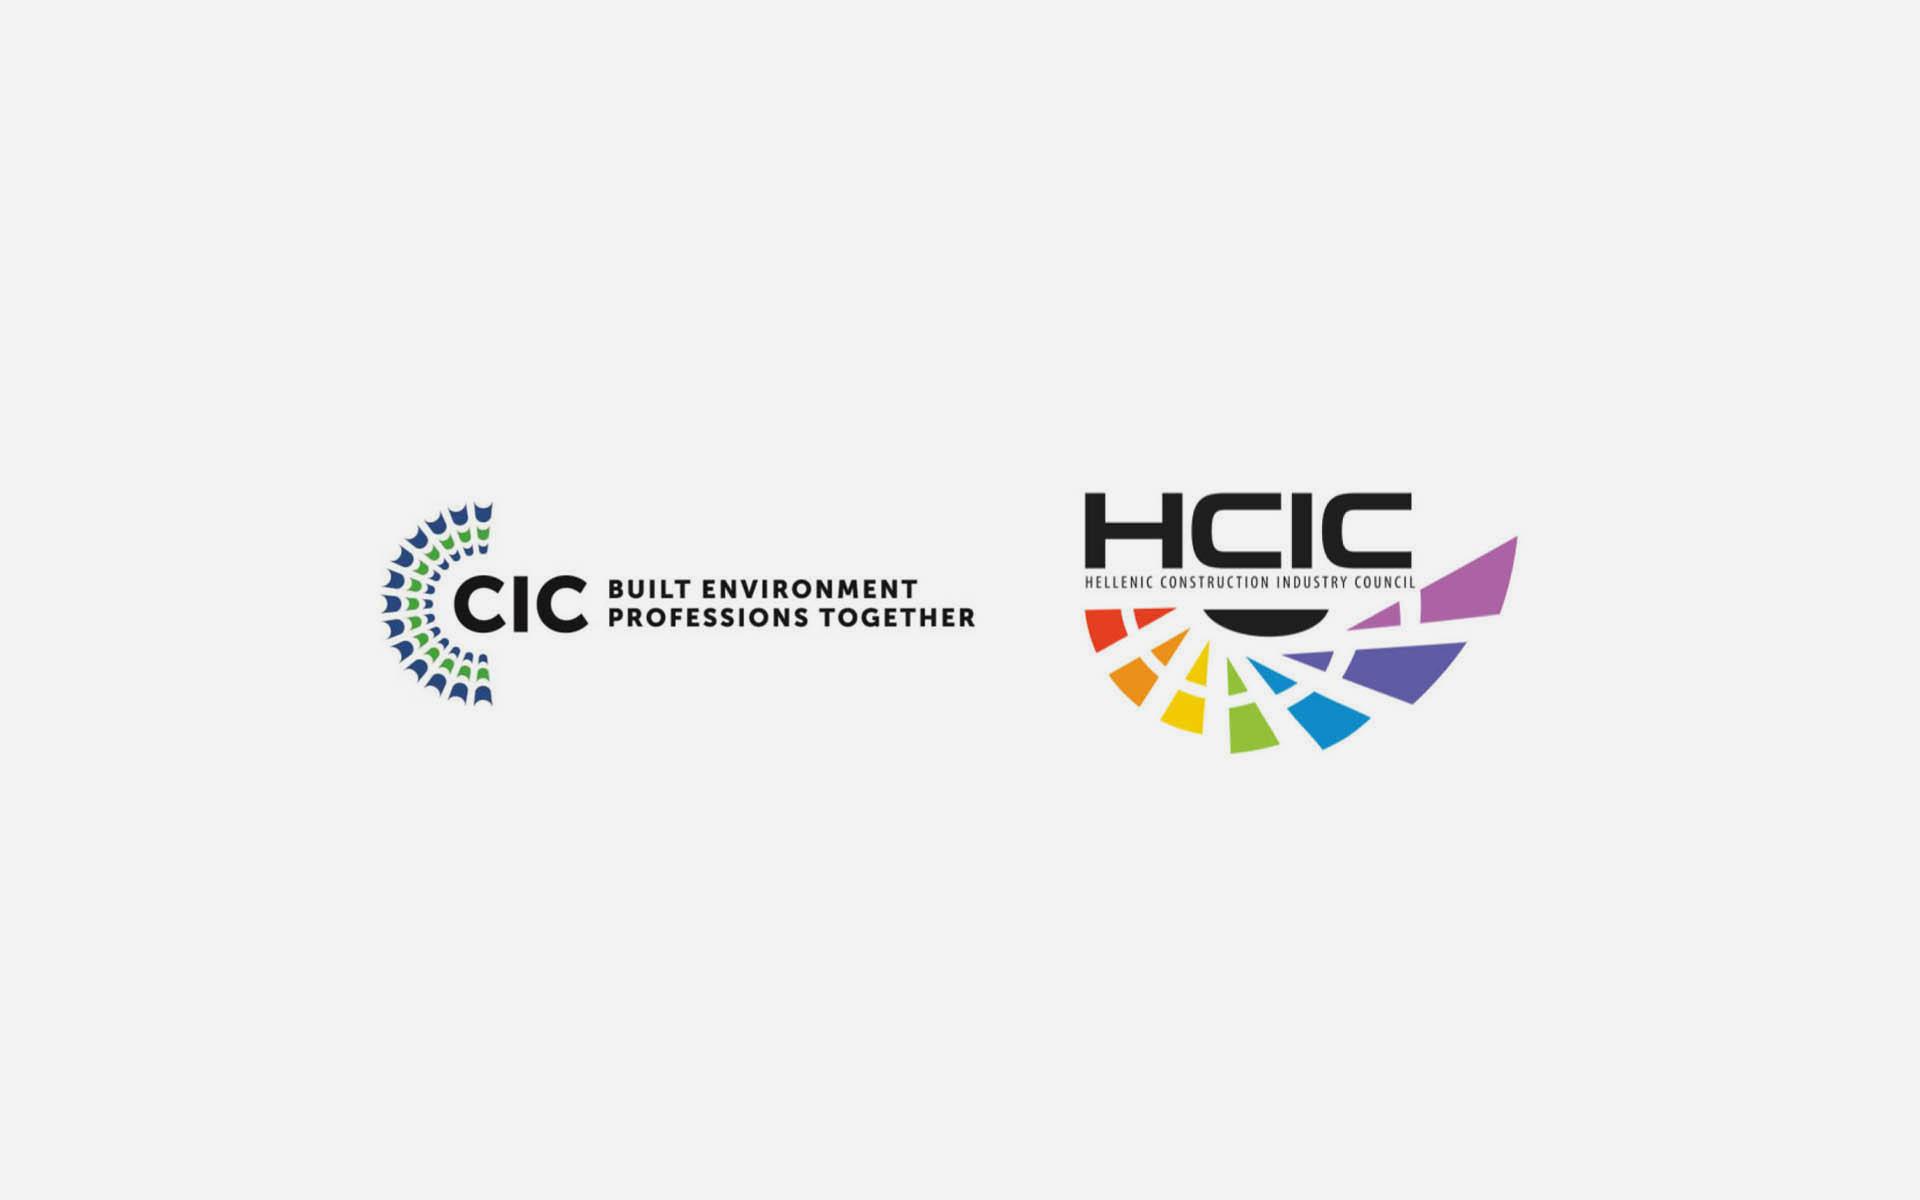 Memorandum of Understanding between CIC and HCIC